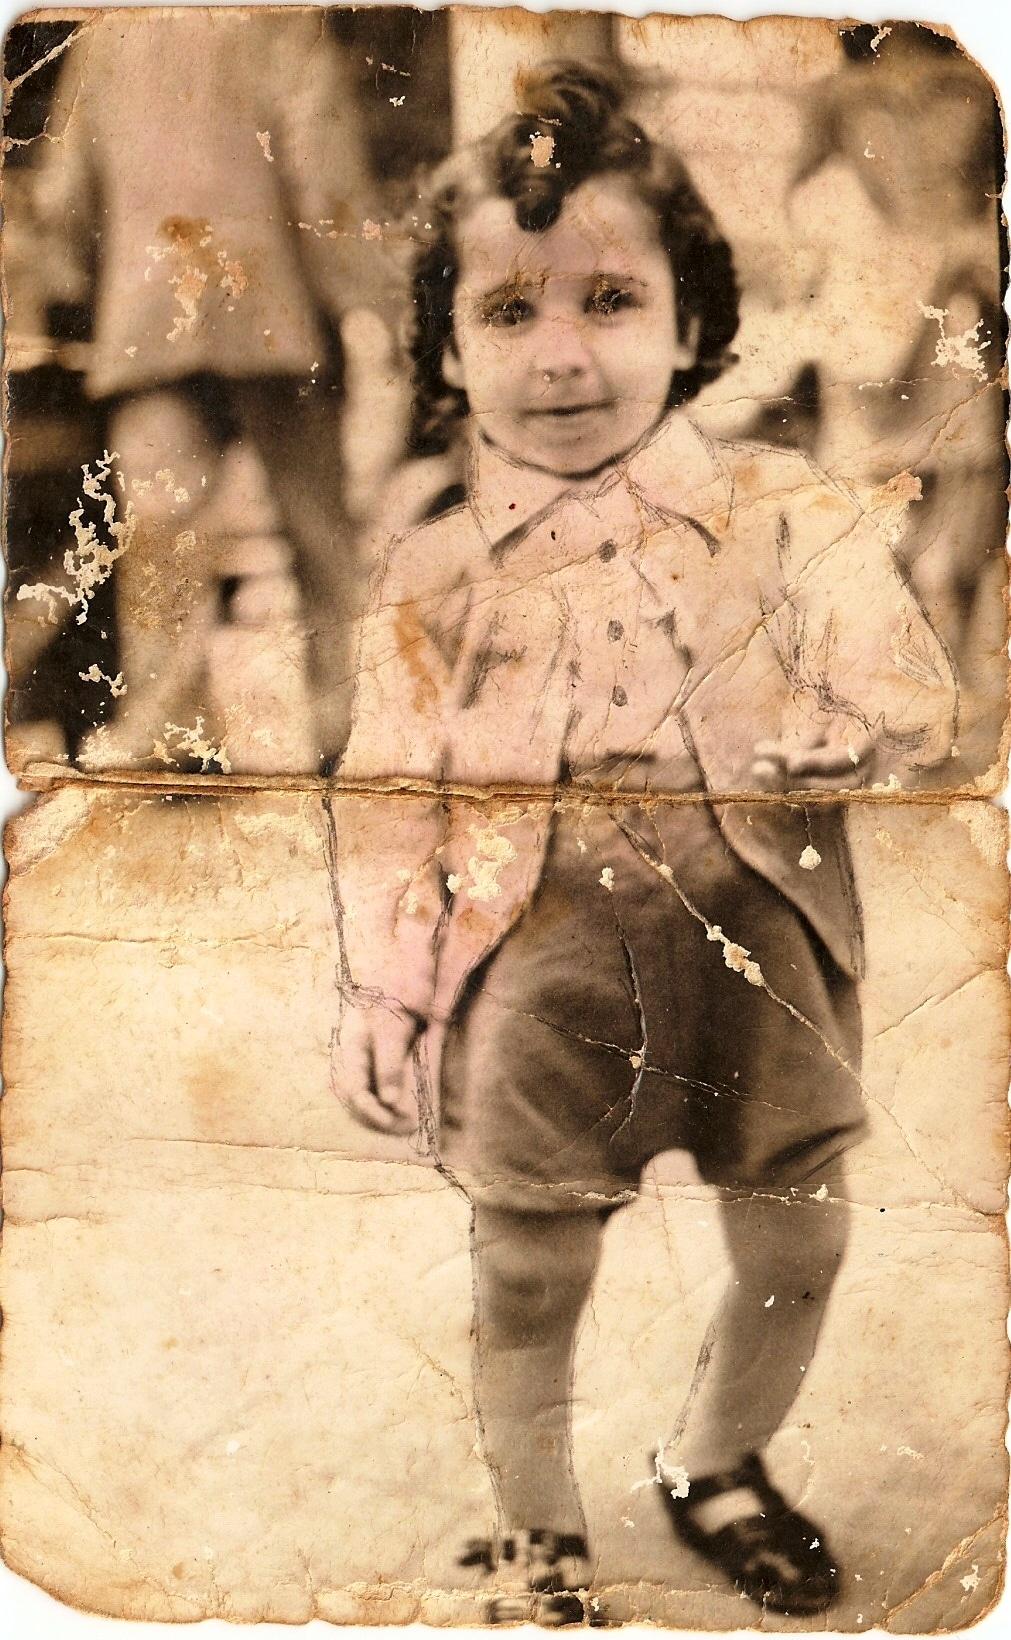 דני לוסקי בן שנתיים